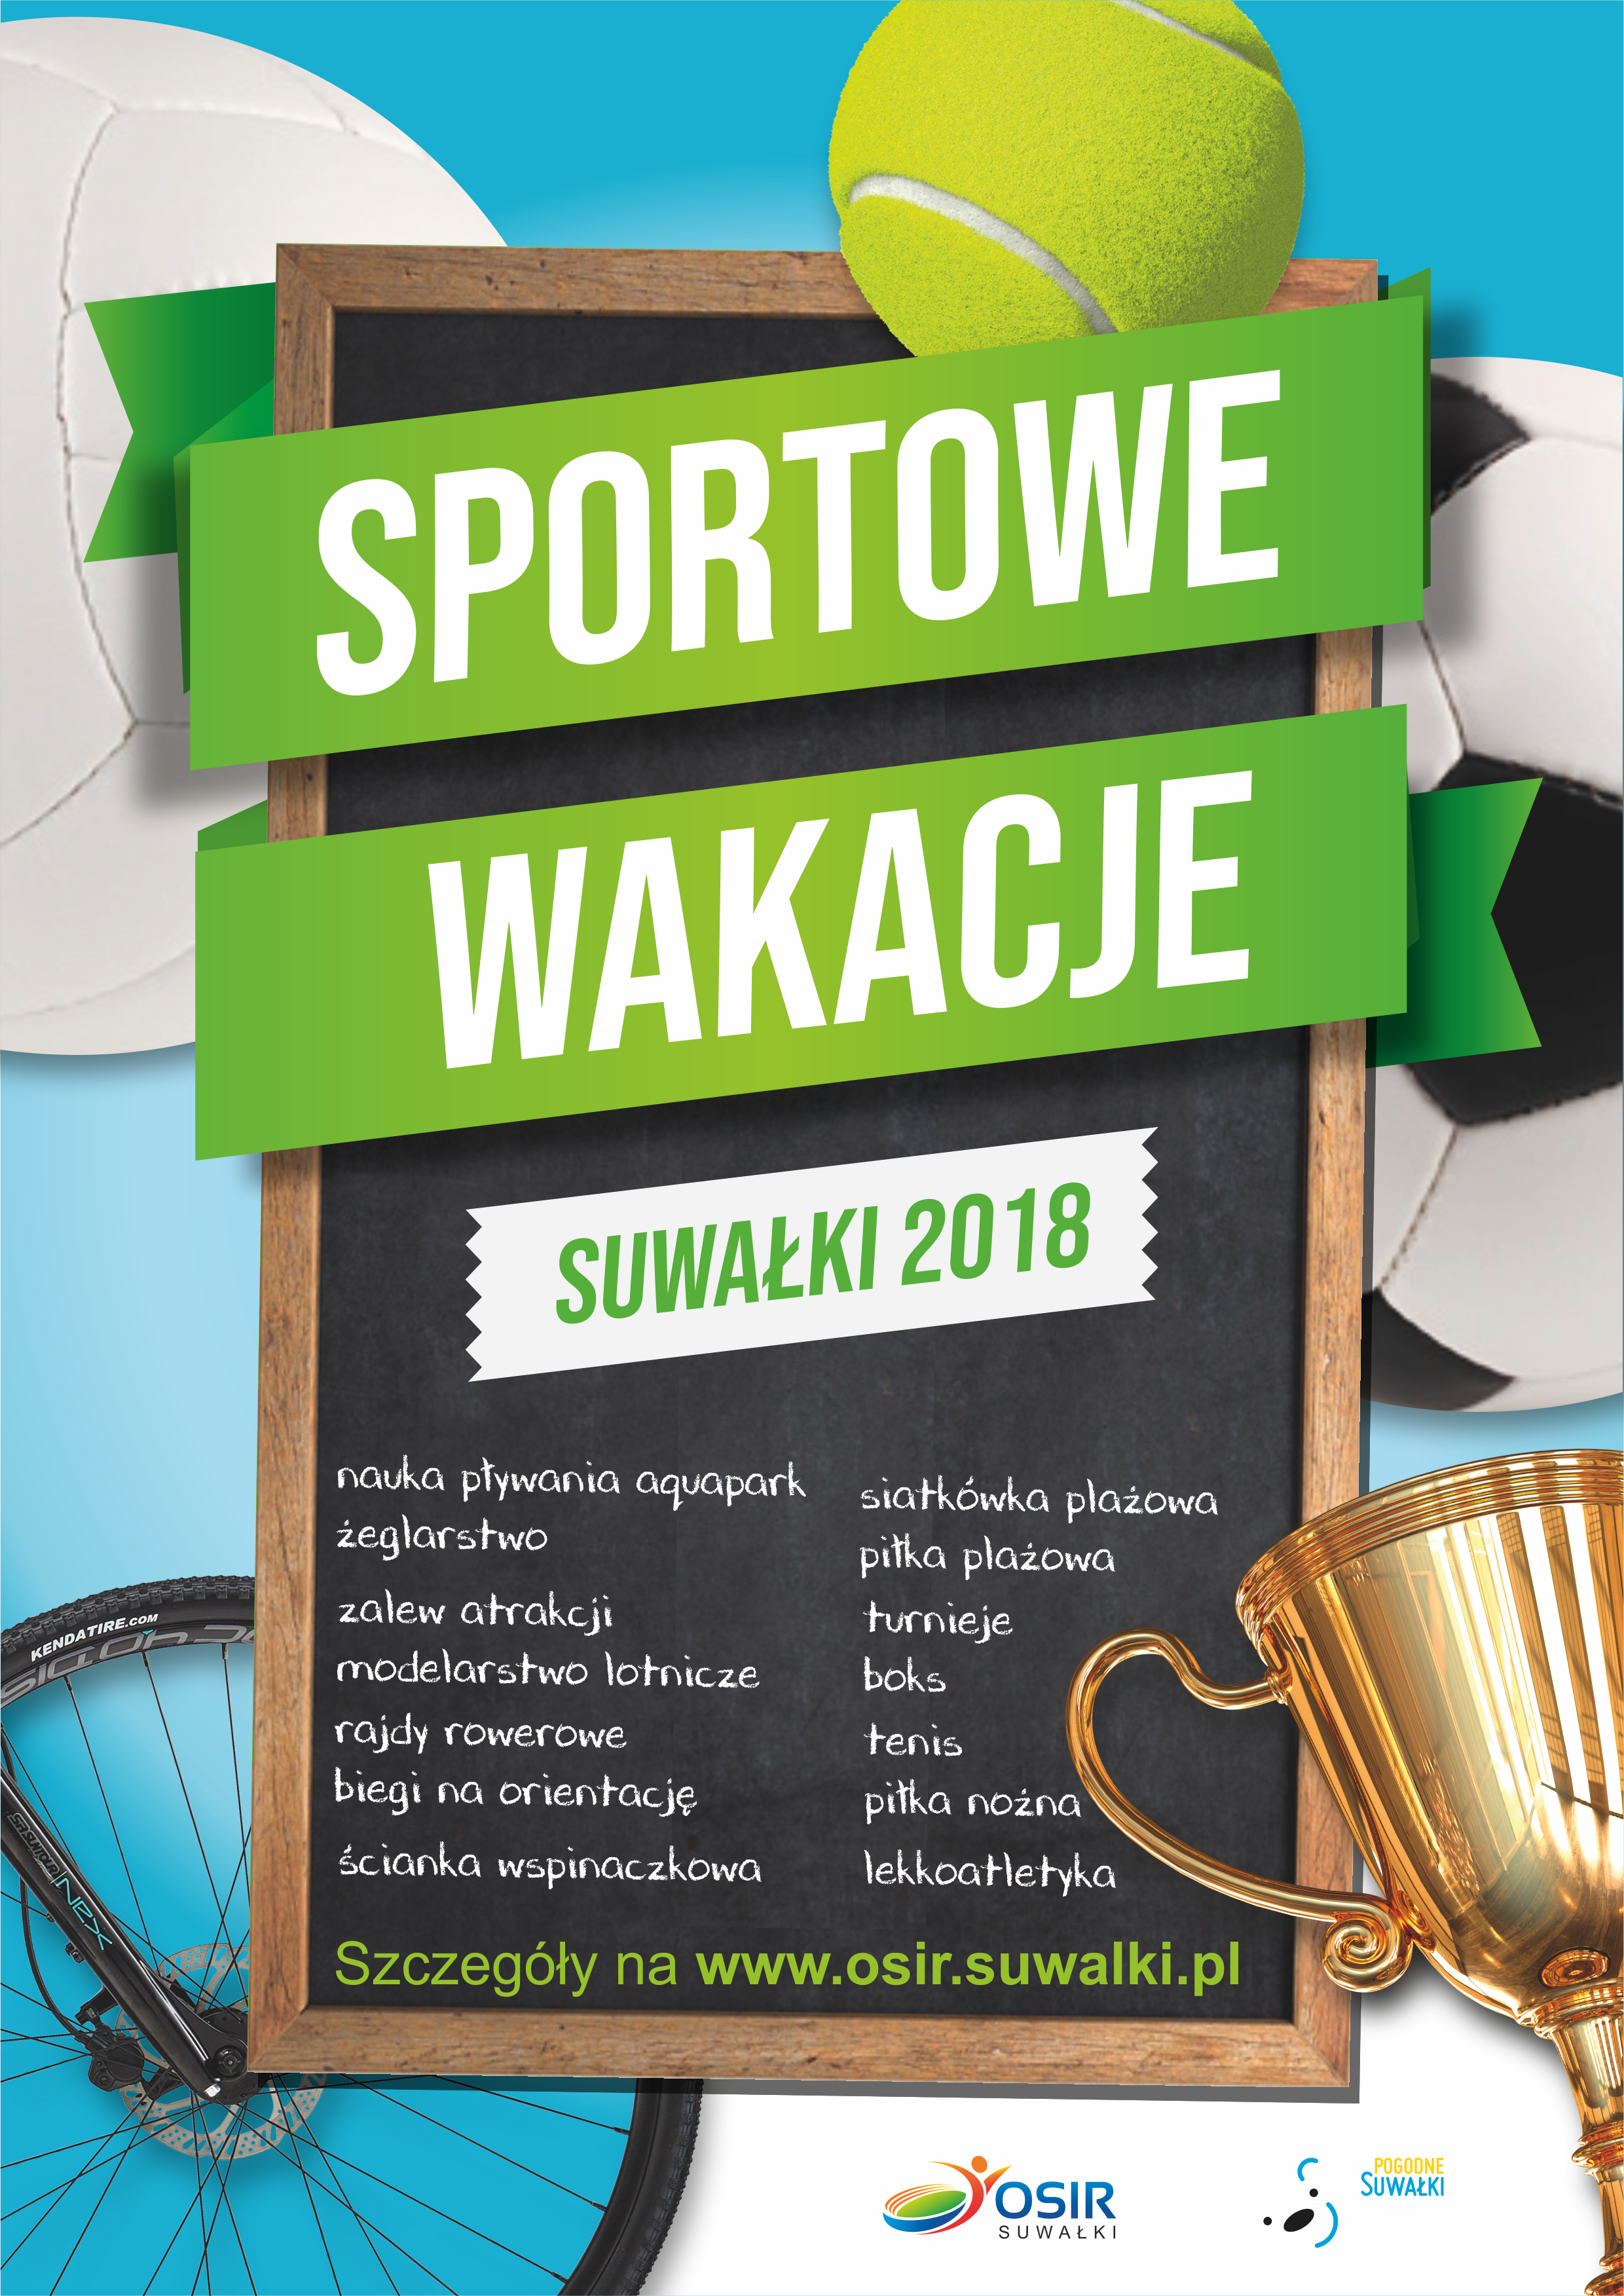 Sportowe wakacje z OSiR Suwałki!